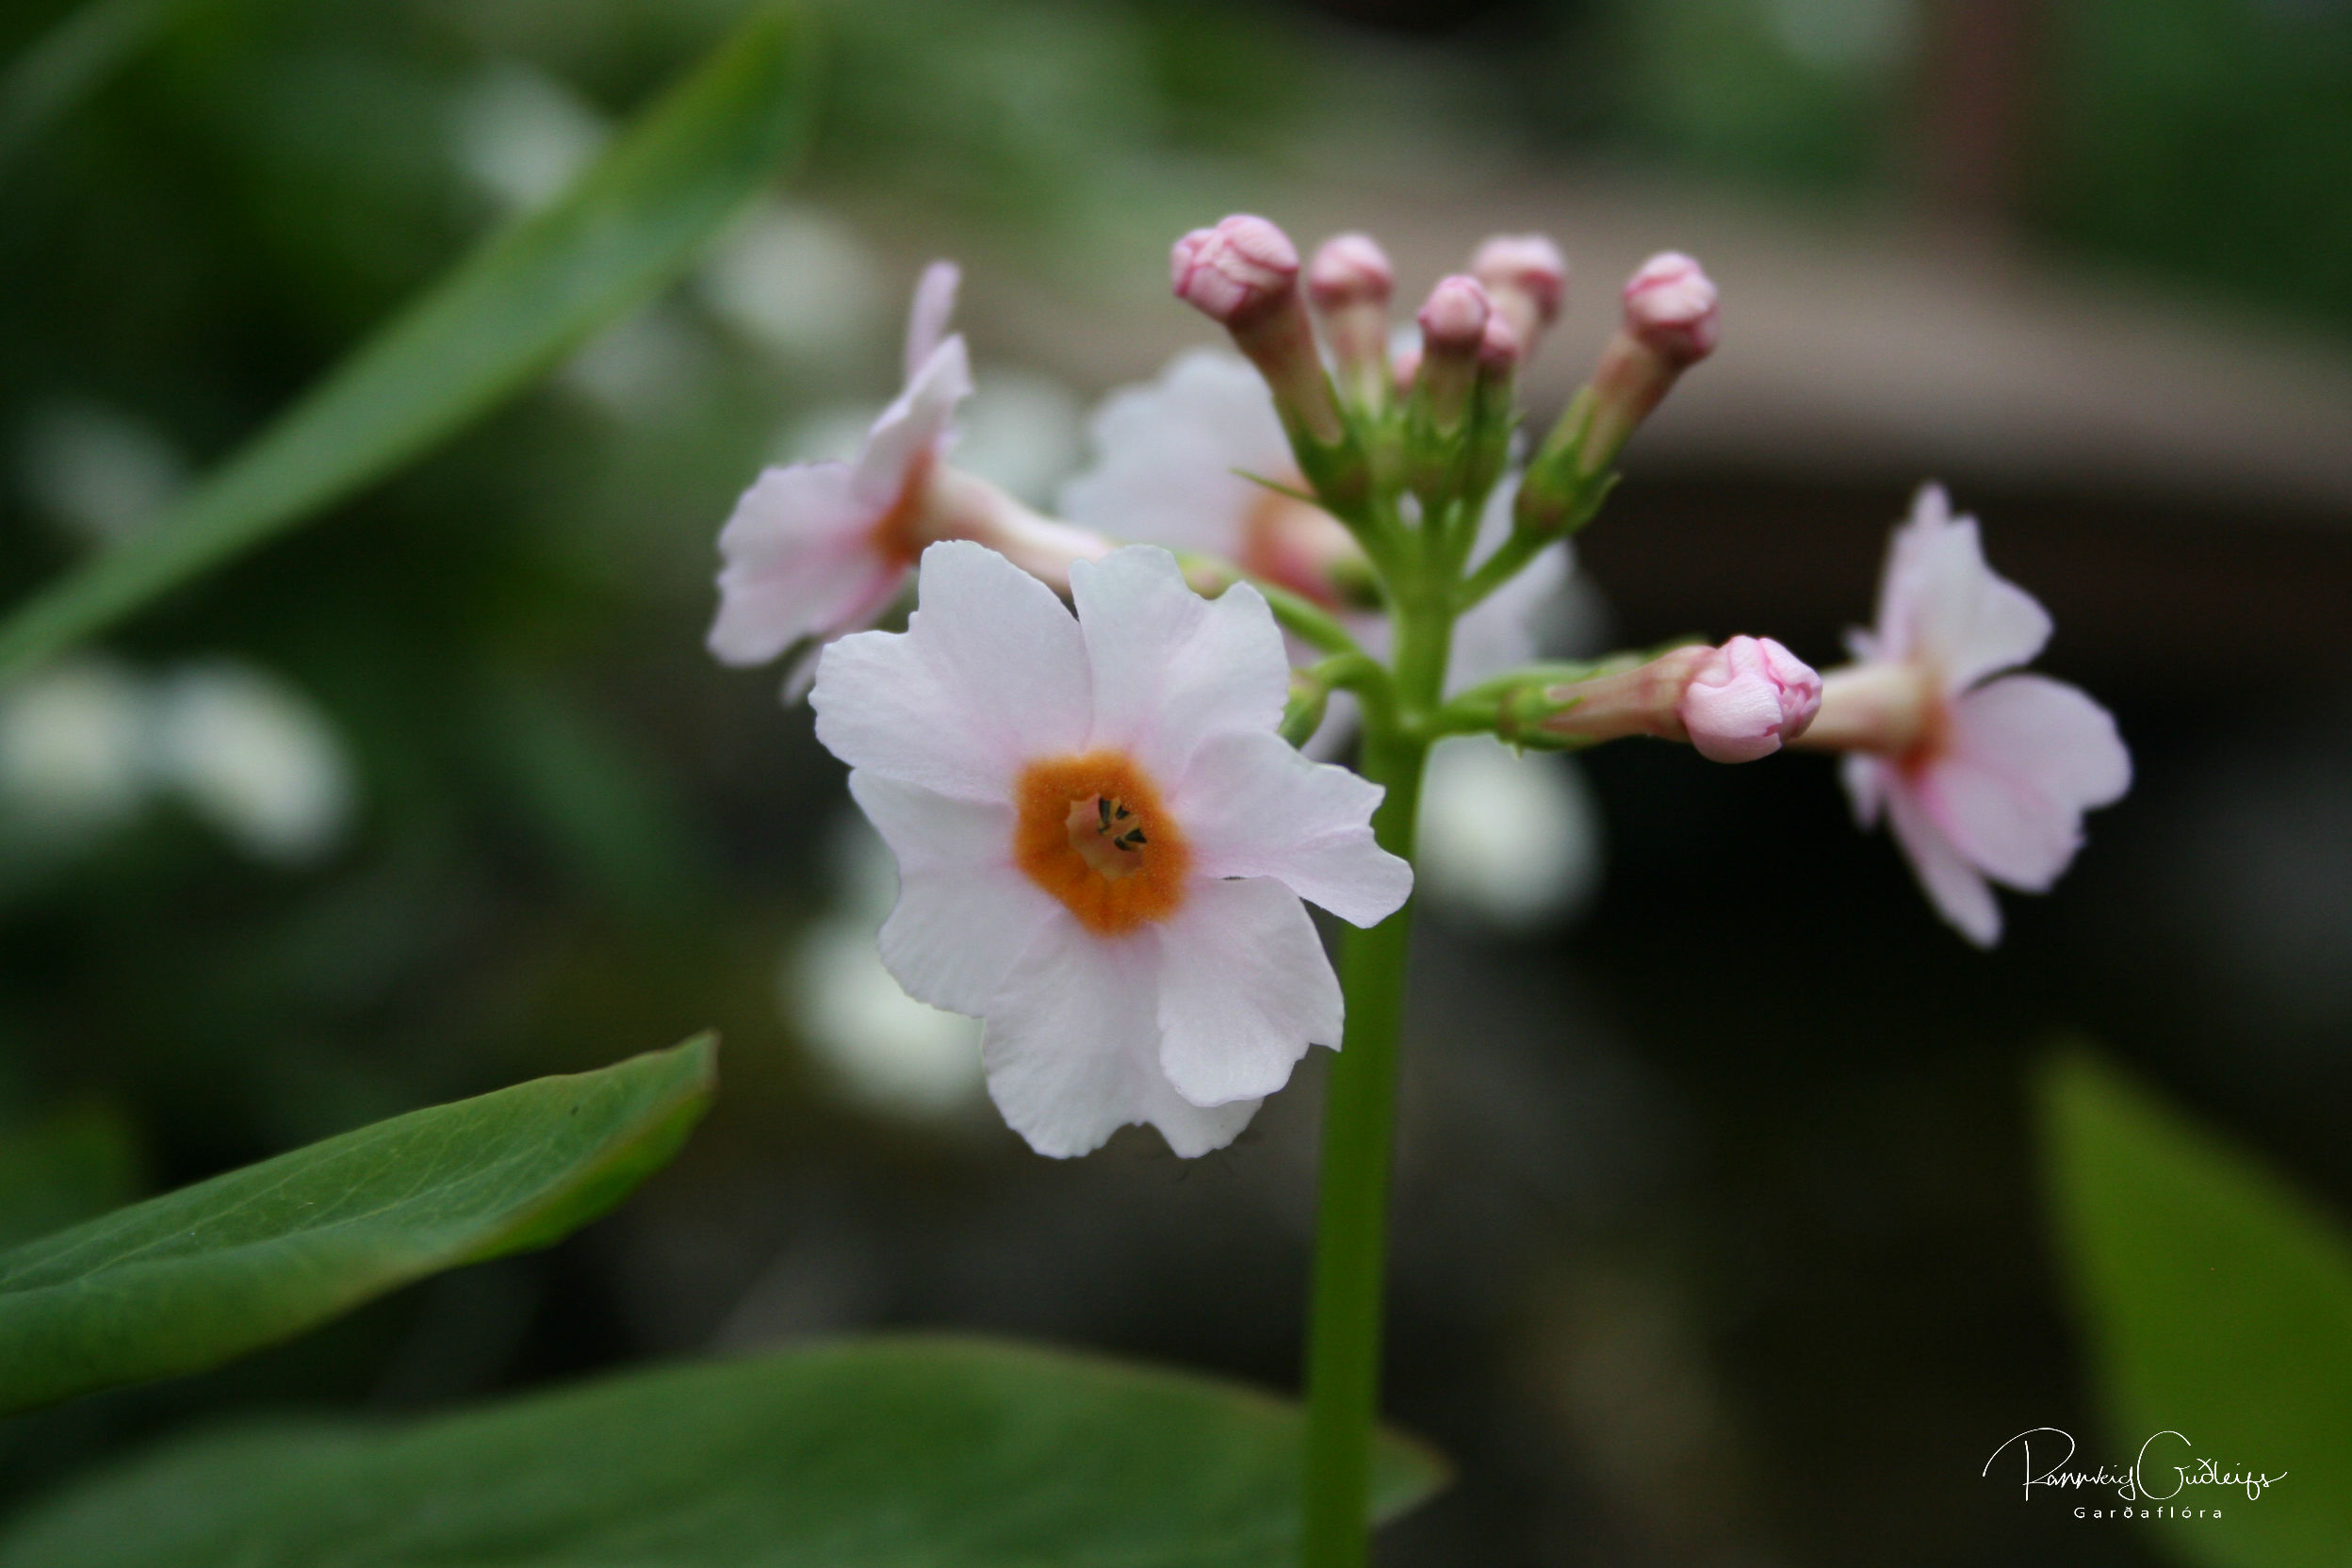 Primula japonica 'Appleblossom Pink'